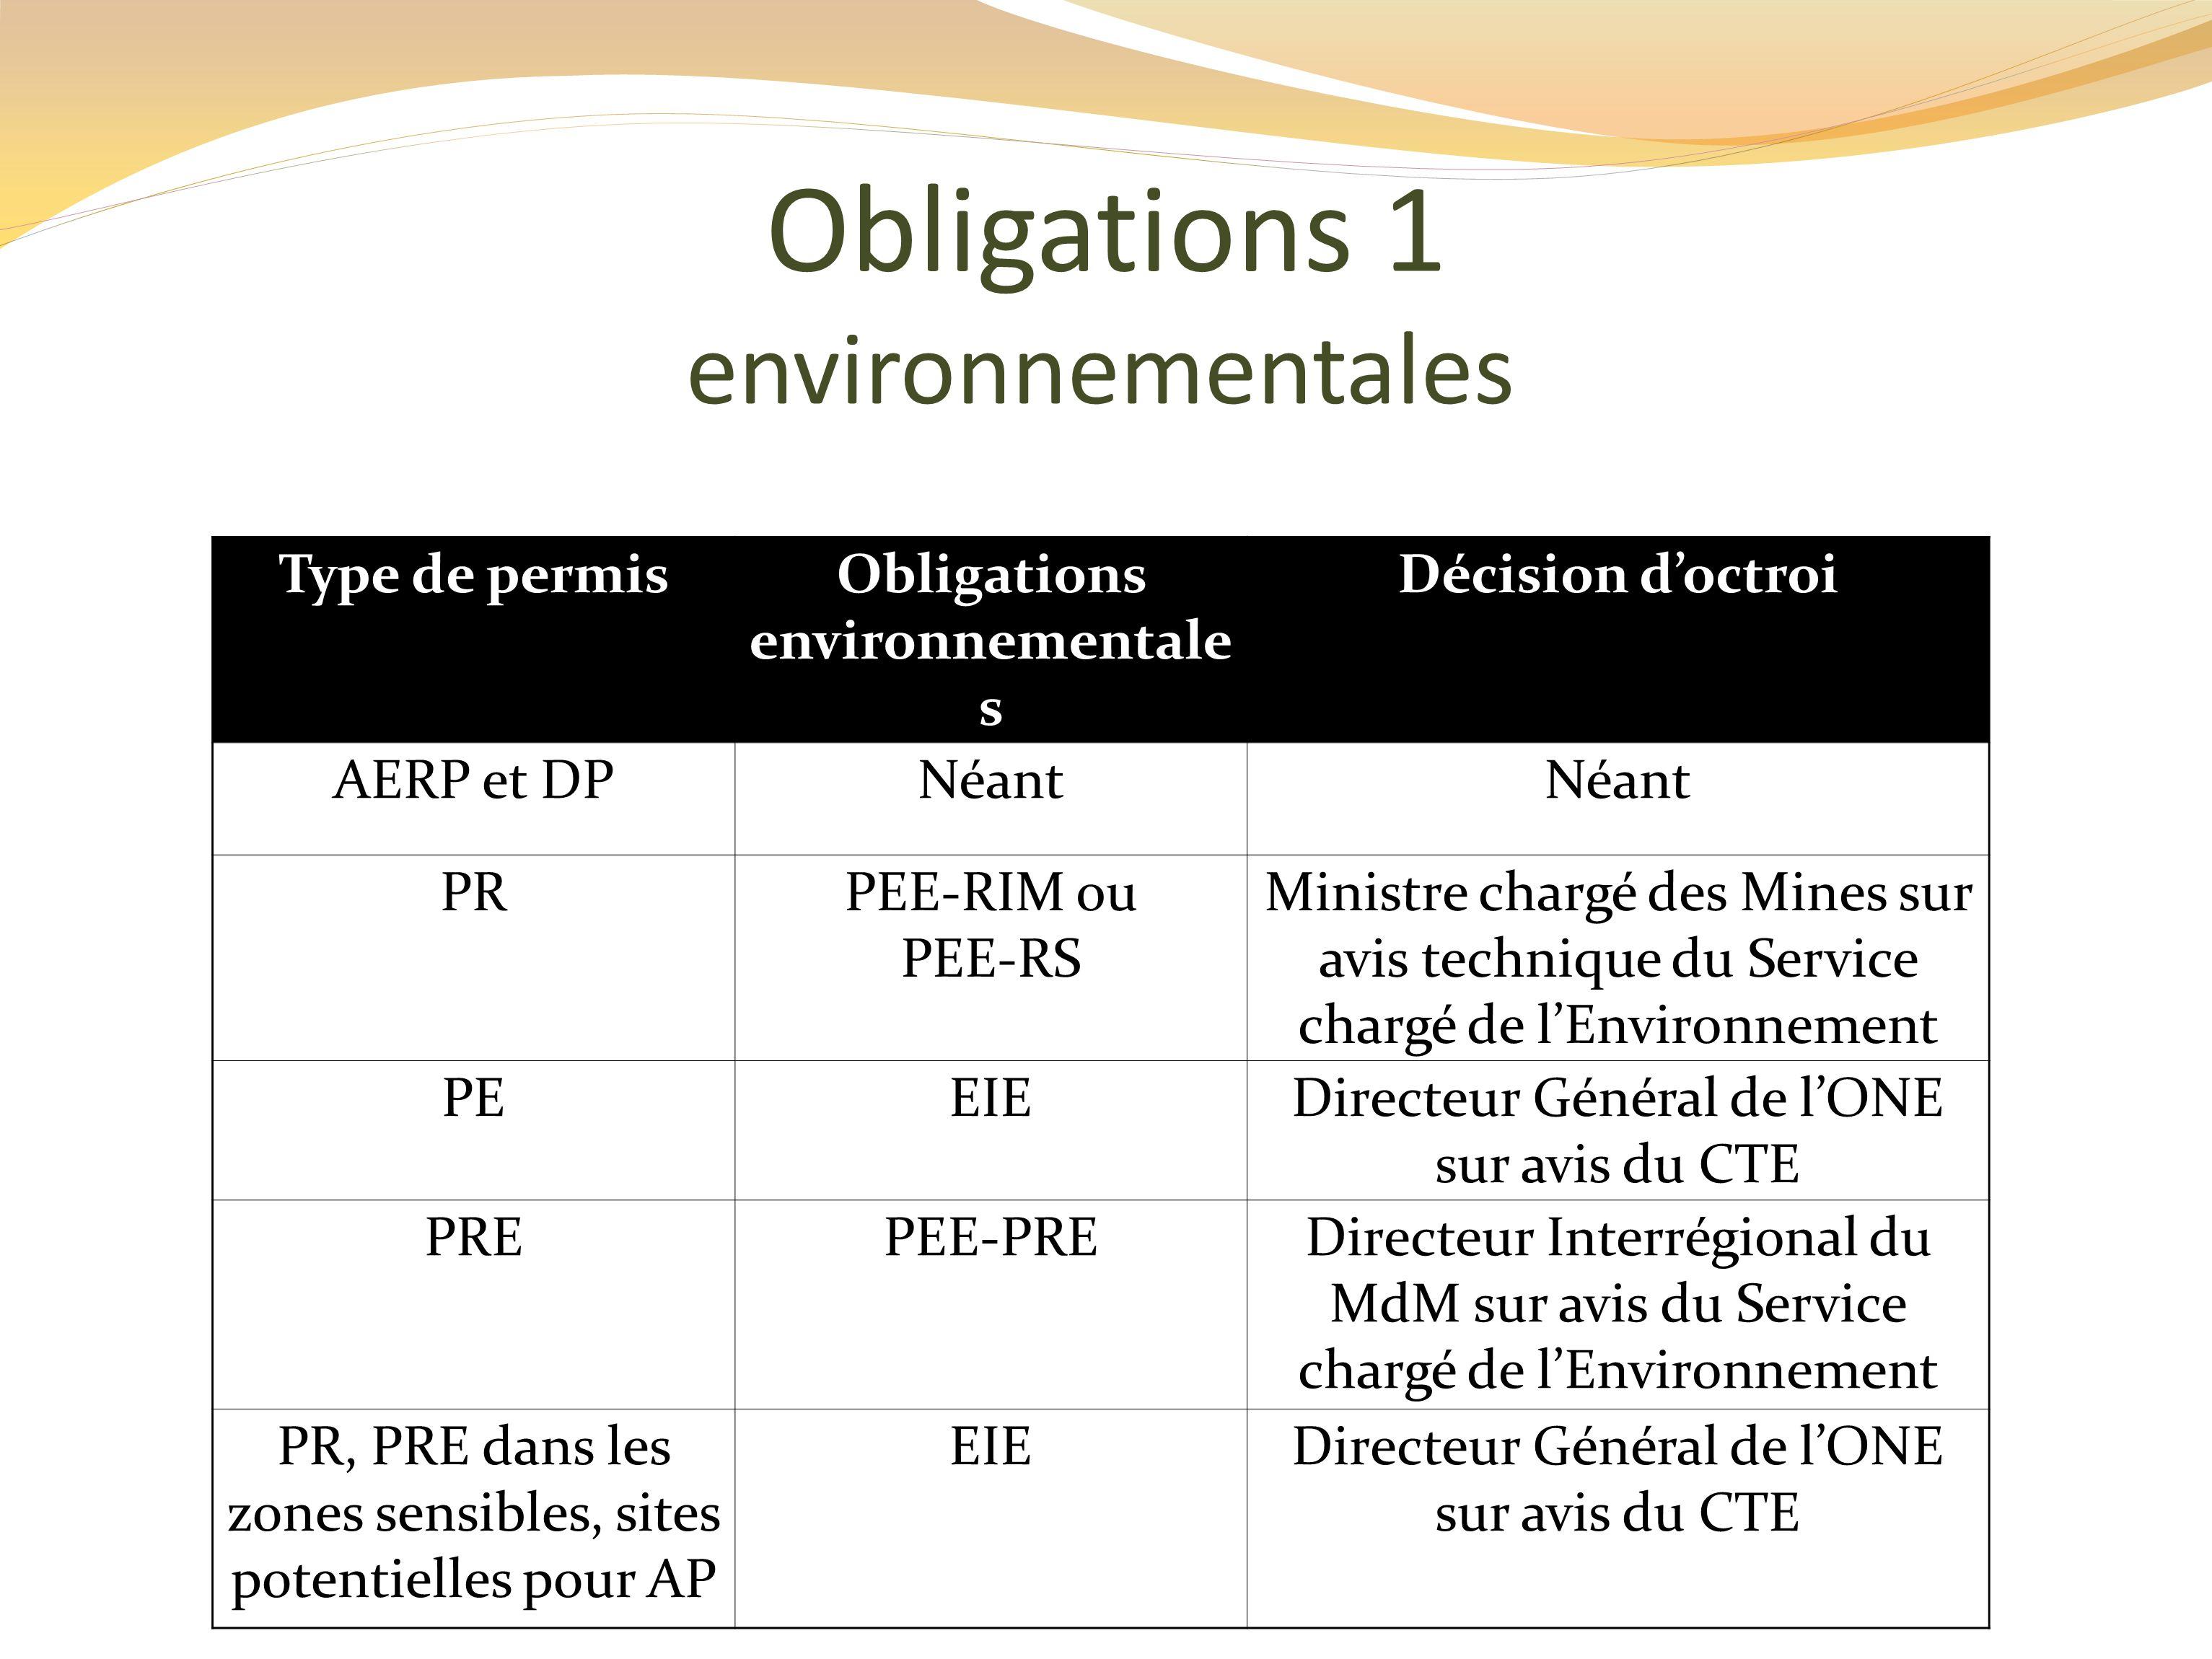 Obligations environnementales